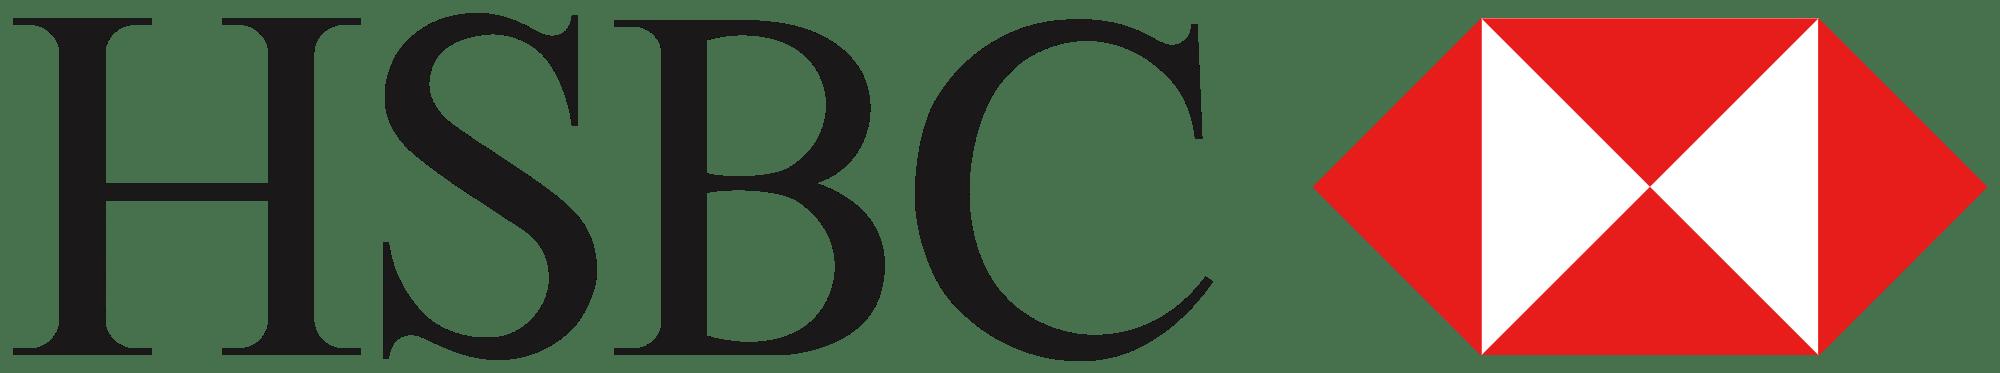 Icons Logos Emojis Bank